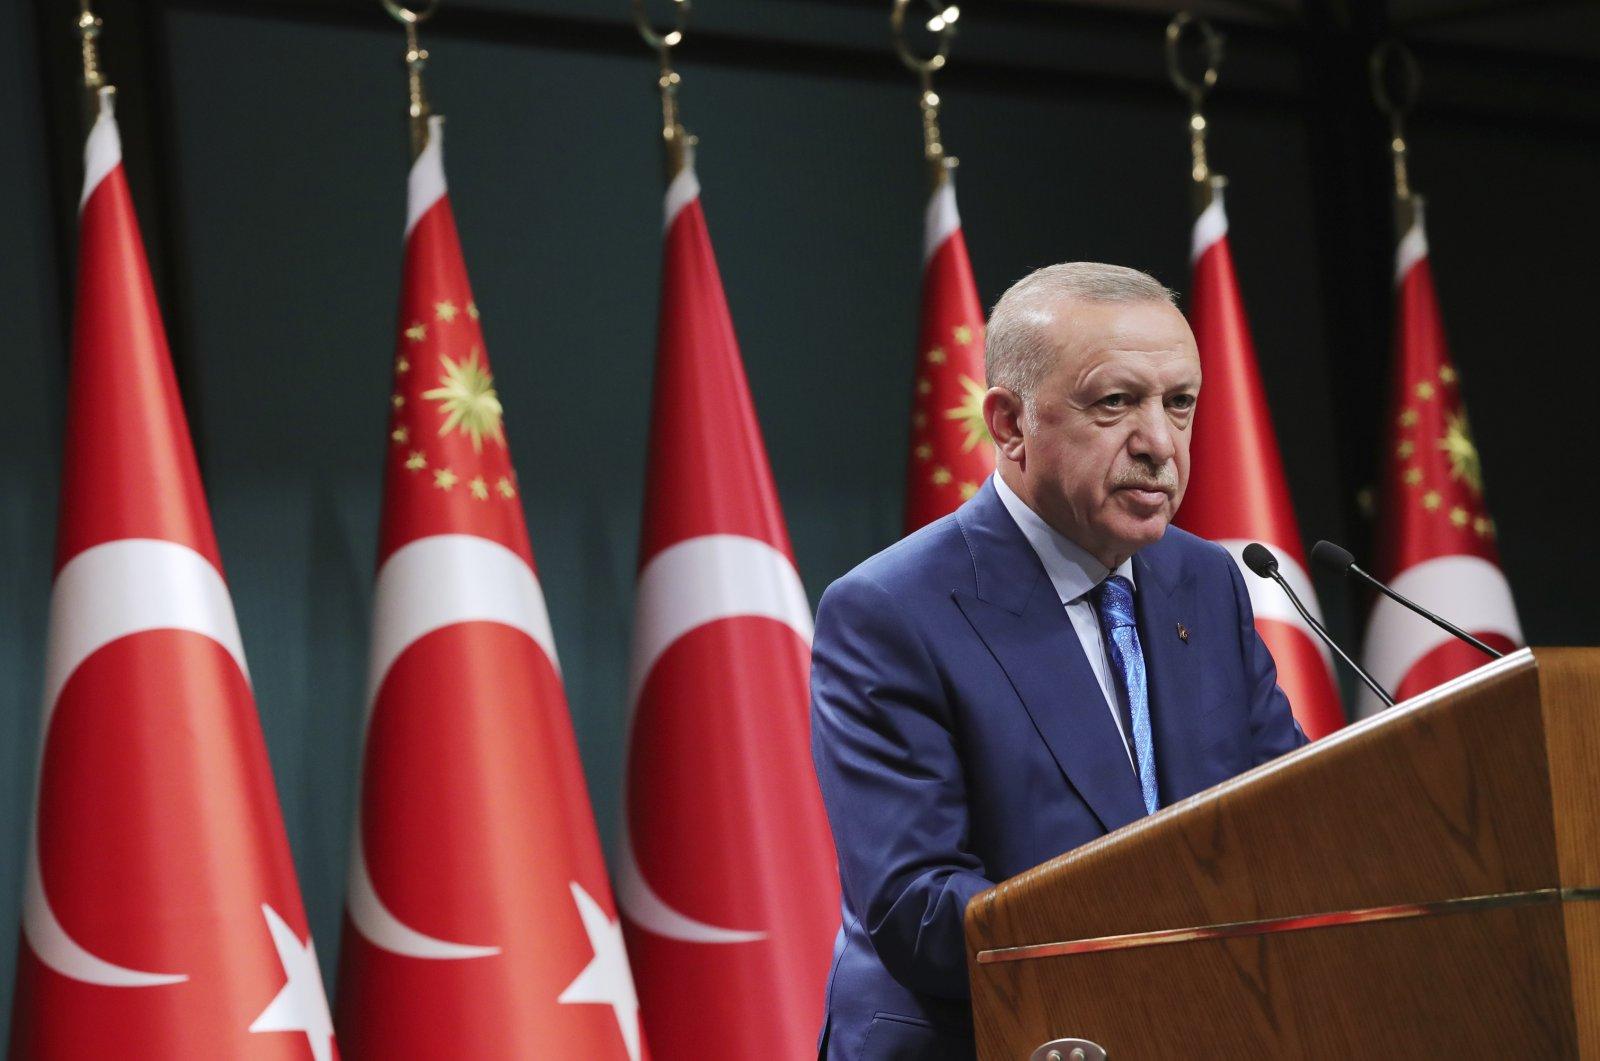 No Afghan airport deal sans 'inclusive' govt: Erdogan